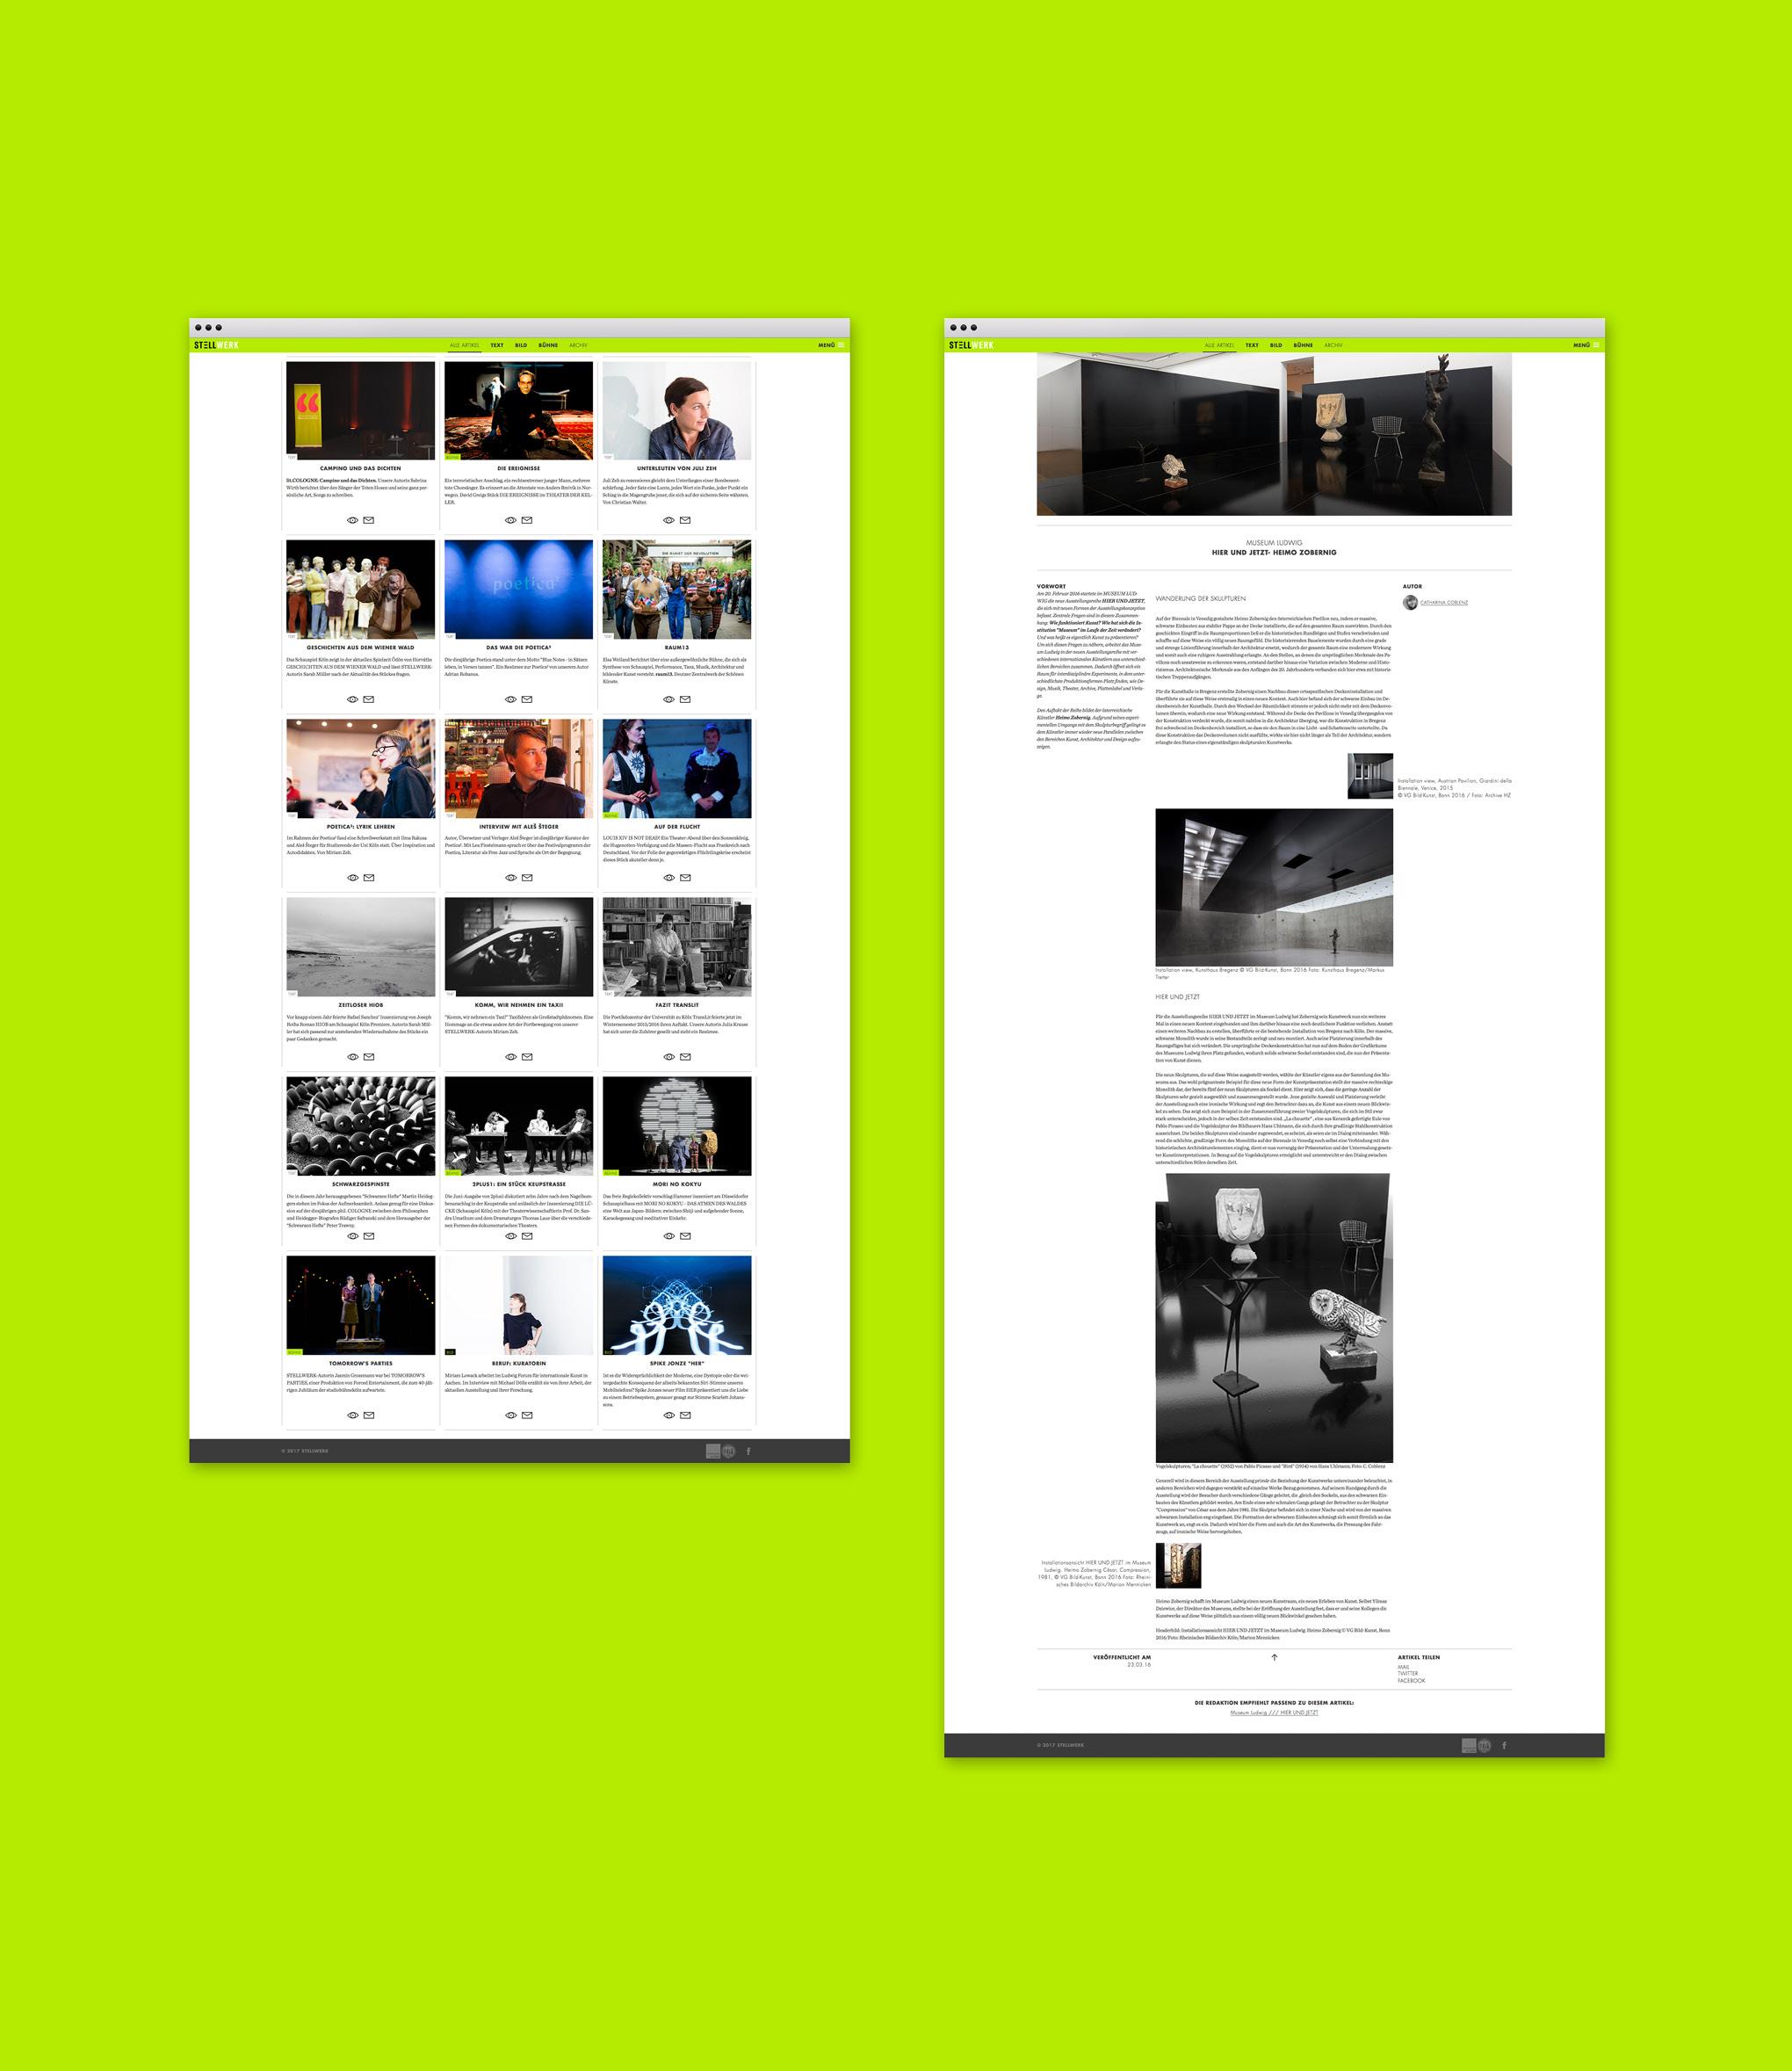 Webseitengestaltung für das Online-Magazin Stellwerk von dem kölner Grafikbüro sons of ipanema.